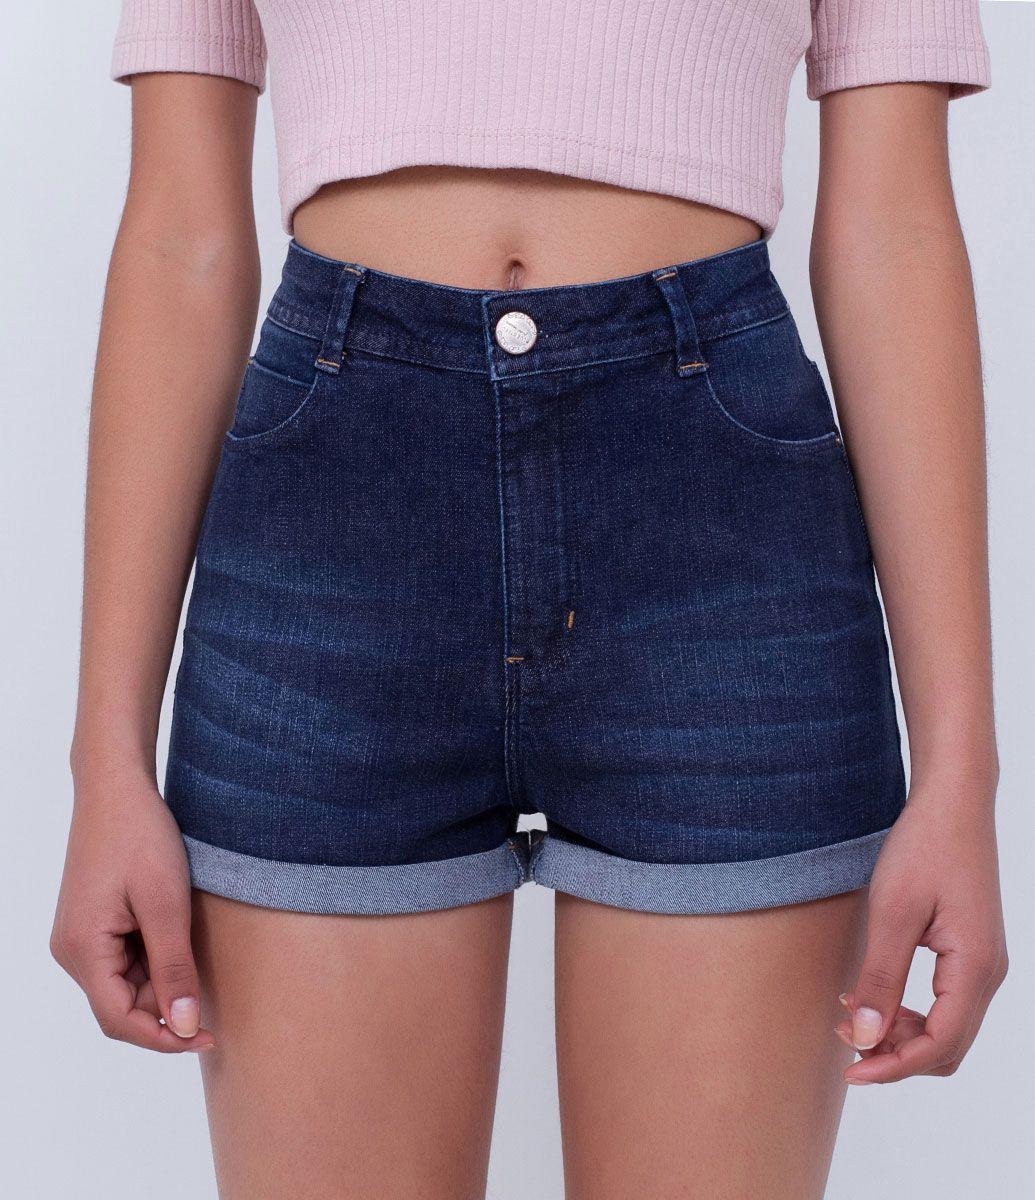 1b80331b0 Short feminino Cintura alta Com efeito used Marca: Blue Steel Tecido: jeans  Composição: 98% algodão e 2% elastano Modelo veste tamanho: 36 COLEÇÃO  INVERNO ...